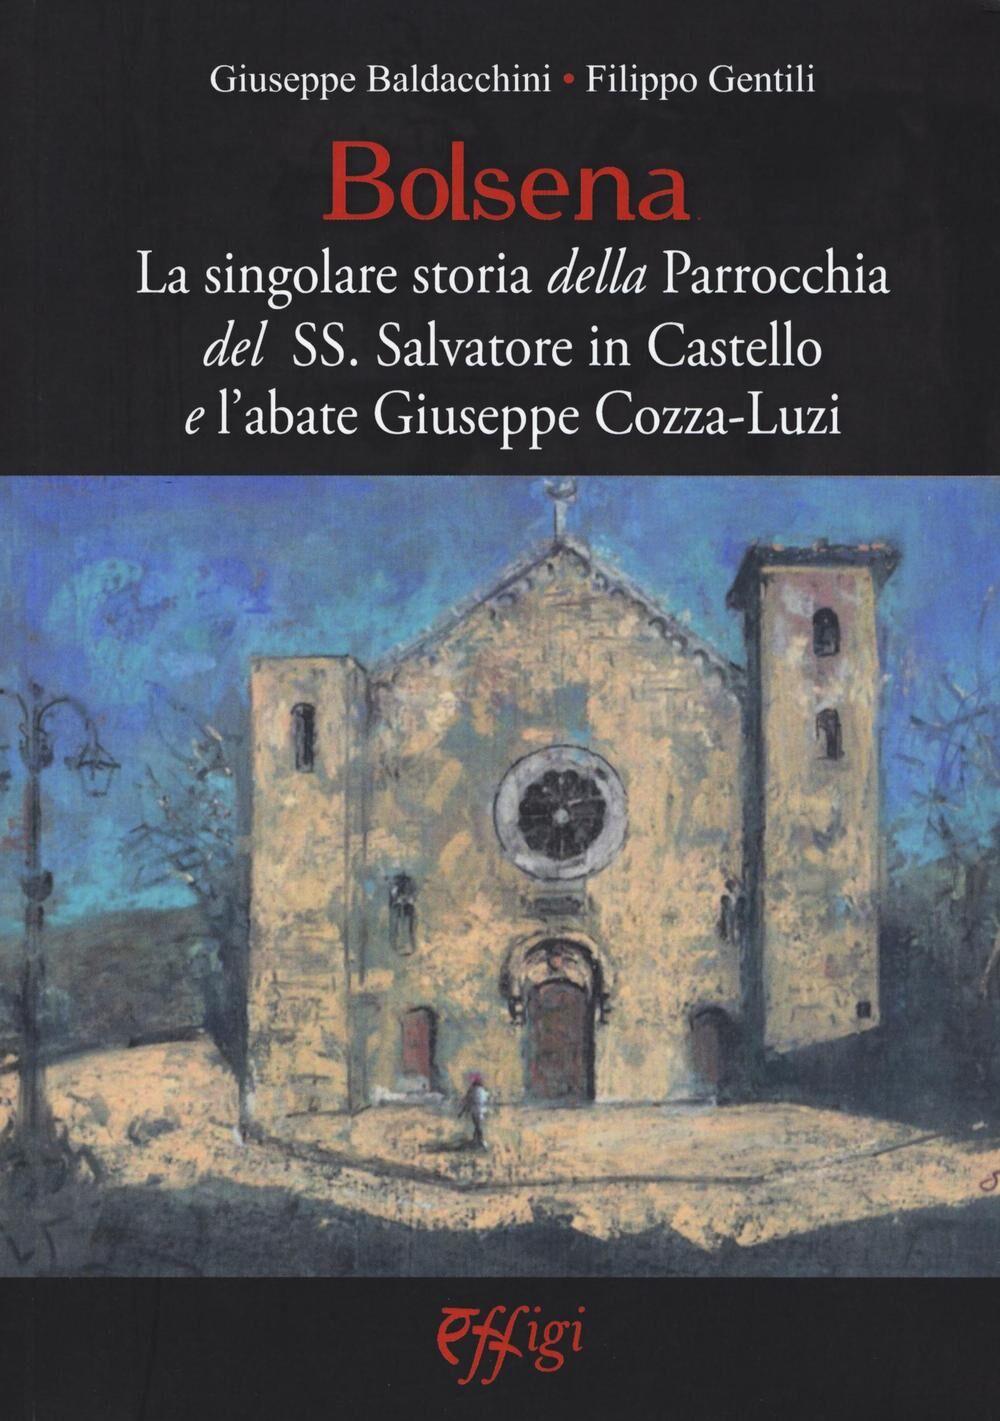 Bolsena. La singolare storia della Parrocchia del SS. Salvatore in Castello e l'abate Giuseppe Cozza-Luzi